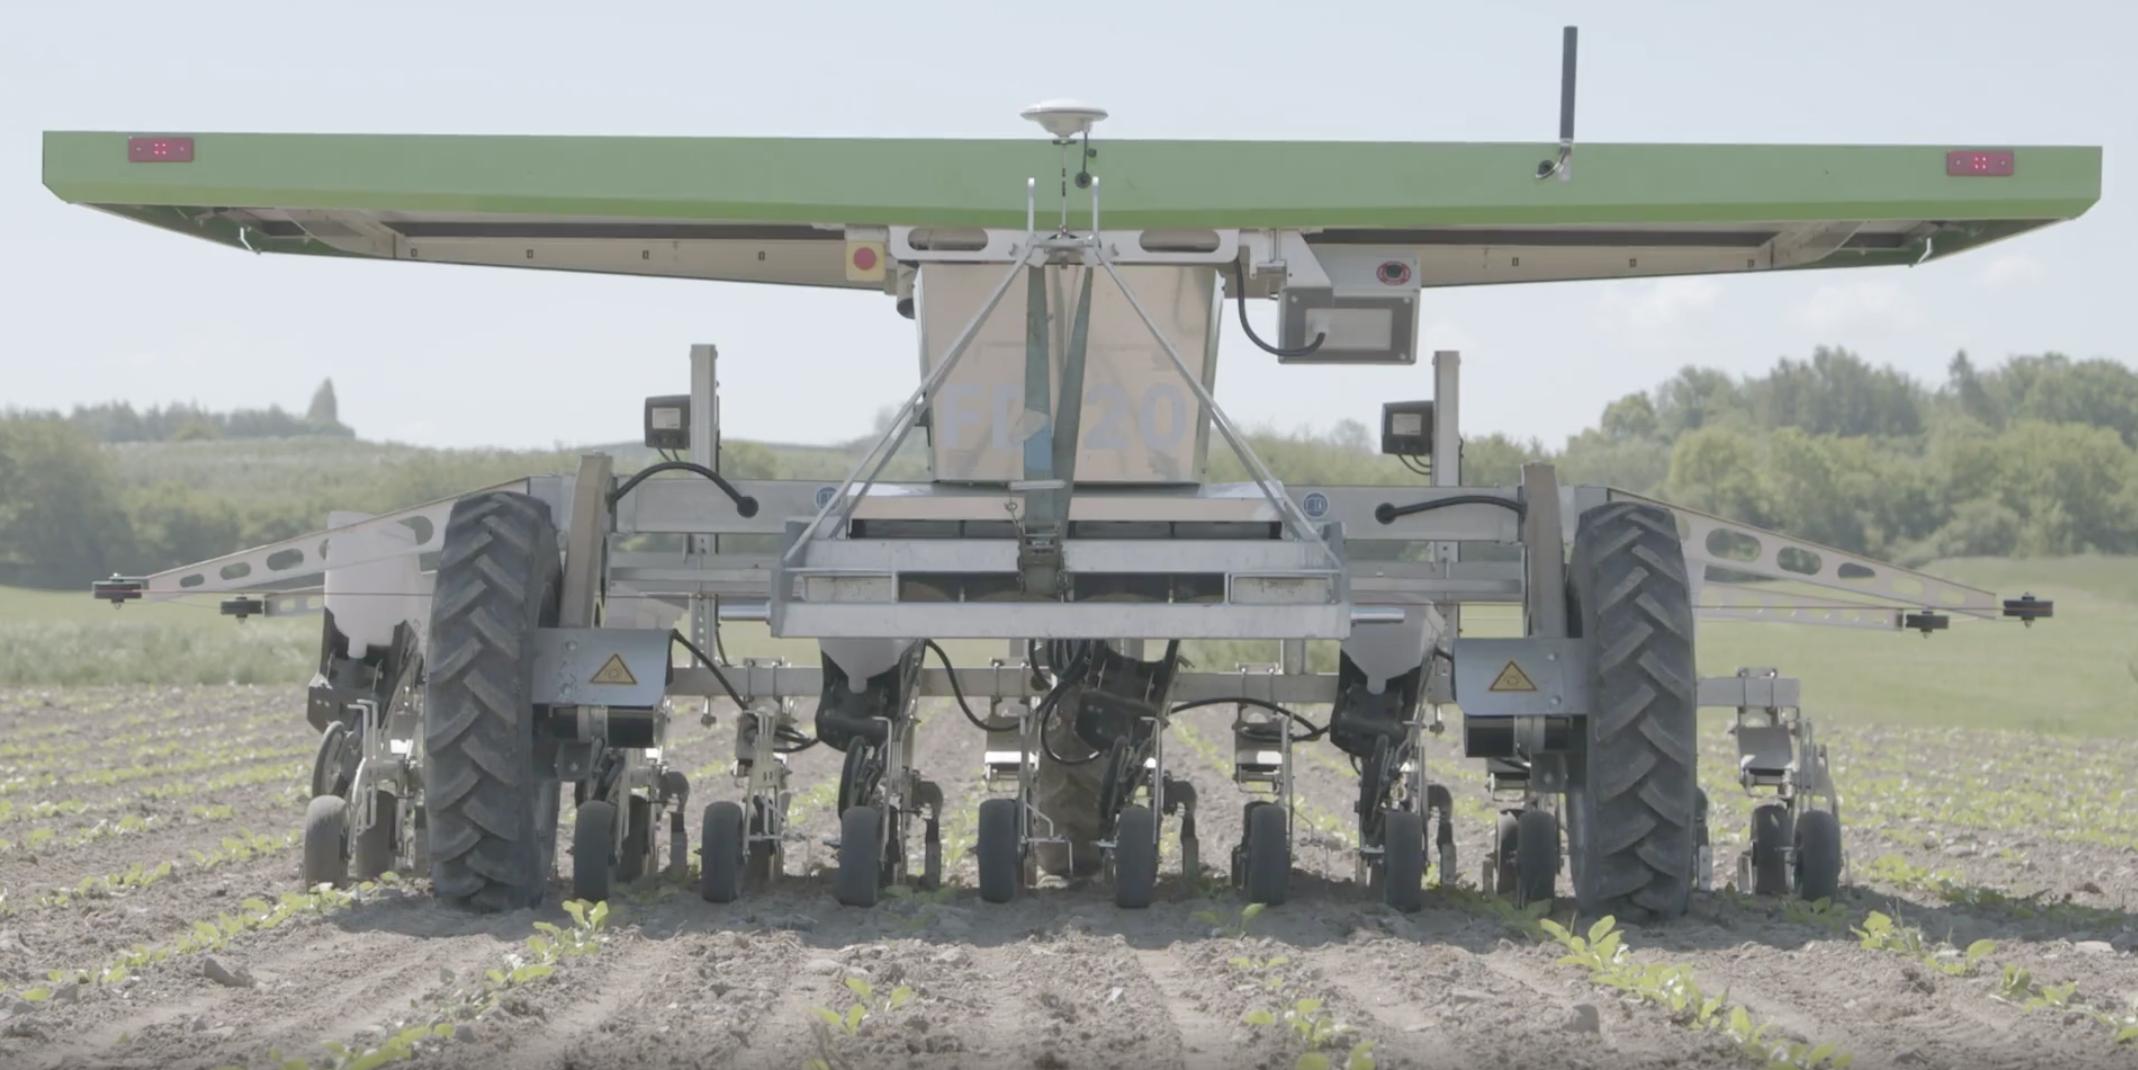 播種と除草の両方を行う全自動ロボットを開発・販売するデンマークの農業ロボット企業FarmDroid社